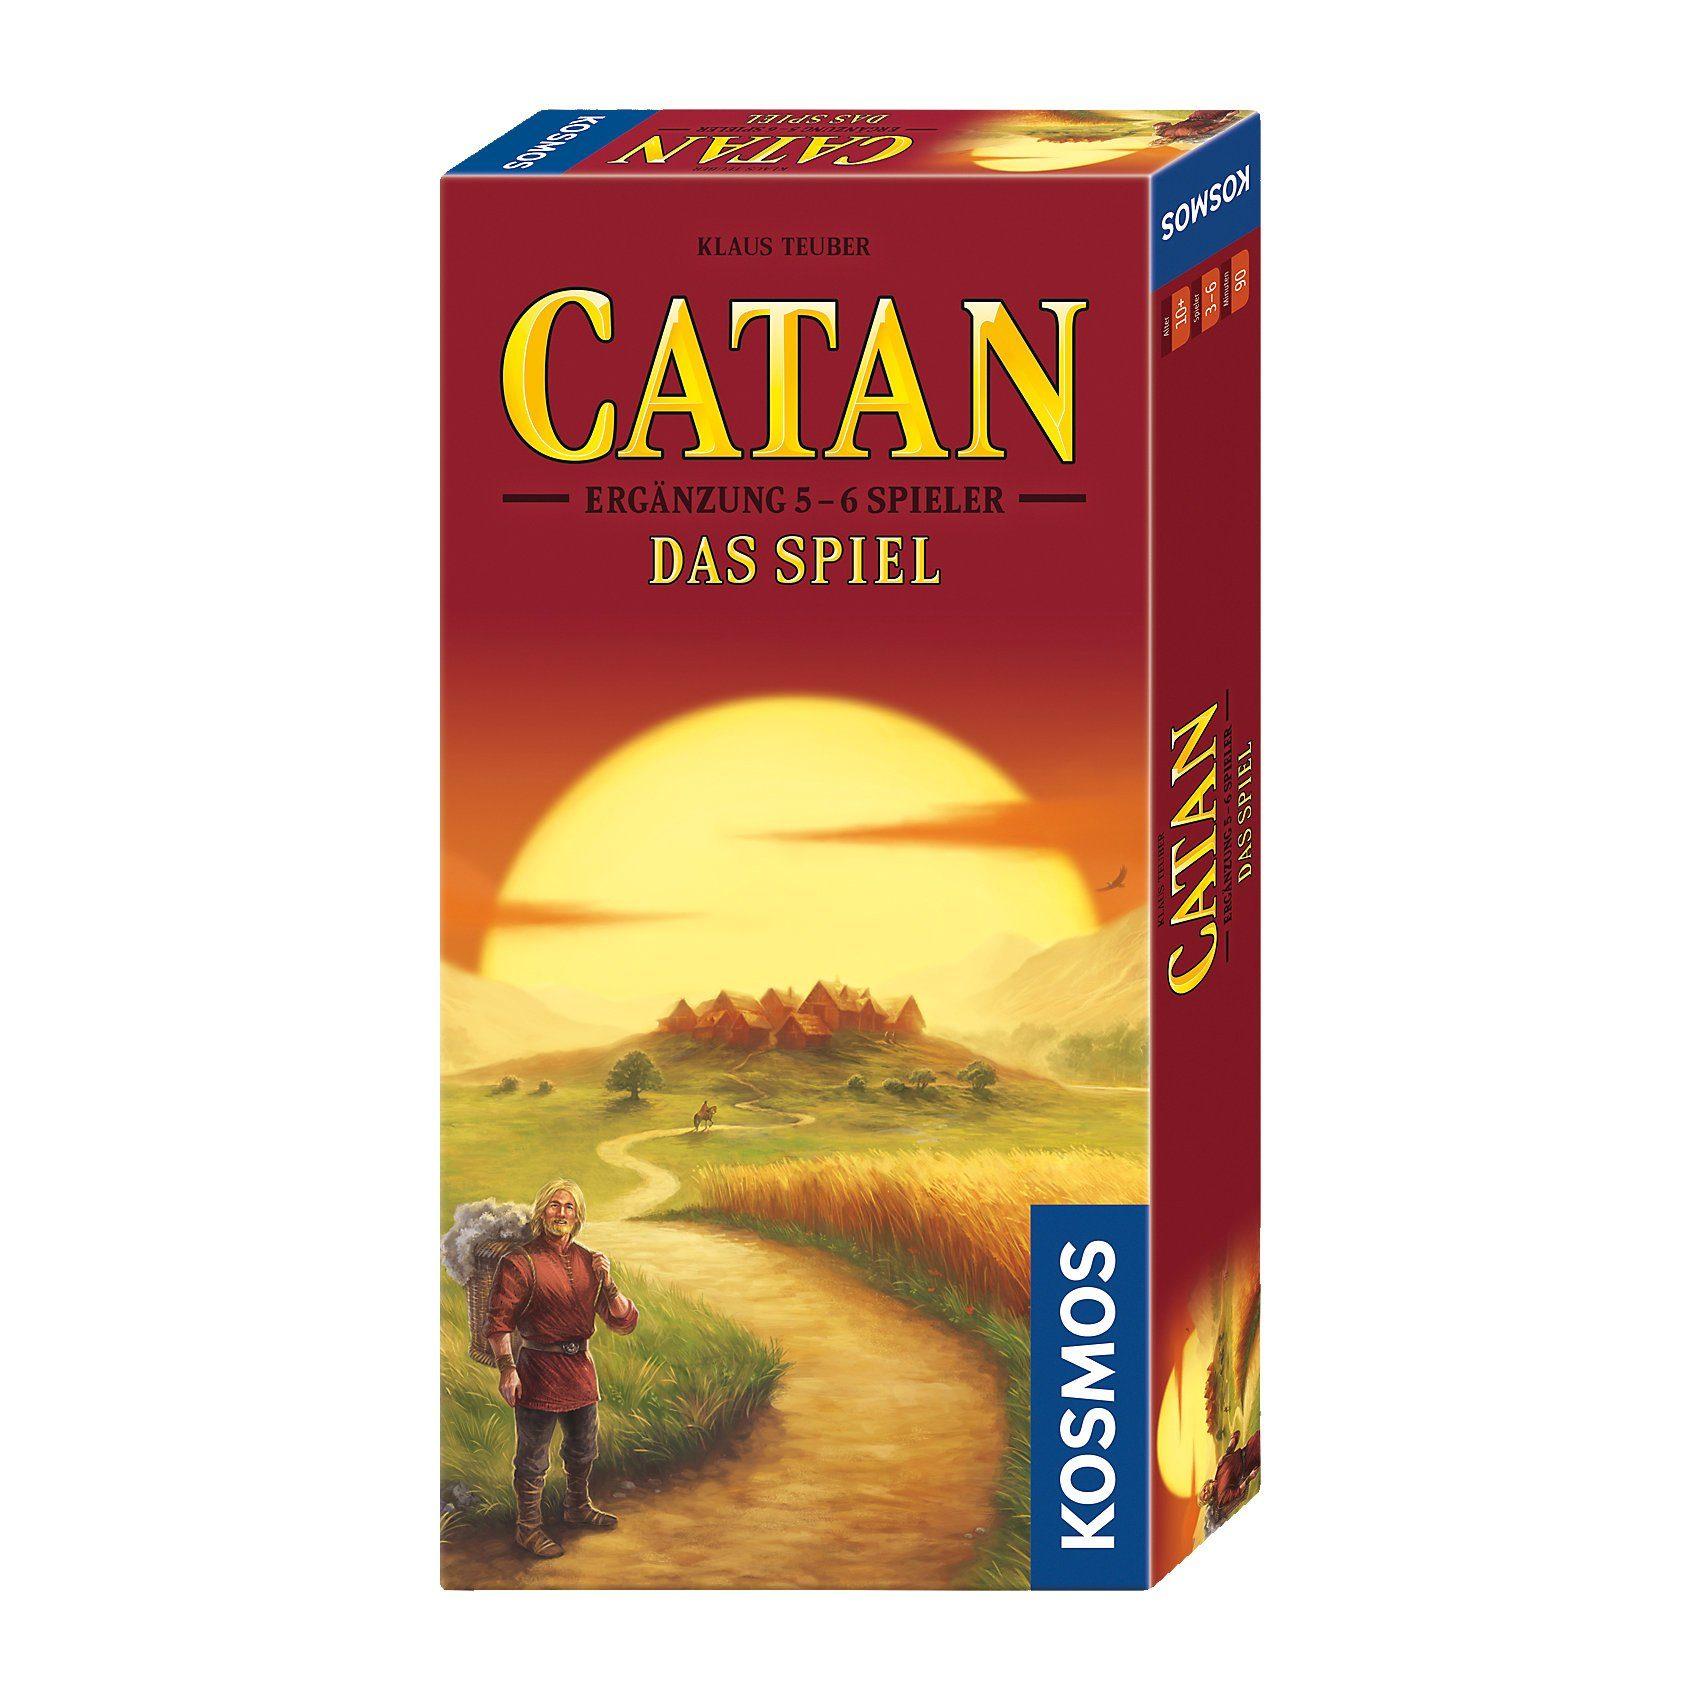 Kosmos Catan - Das Spiel - Ergänzung für 5-6 Spieler